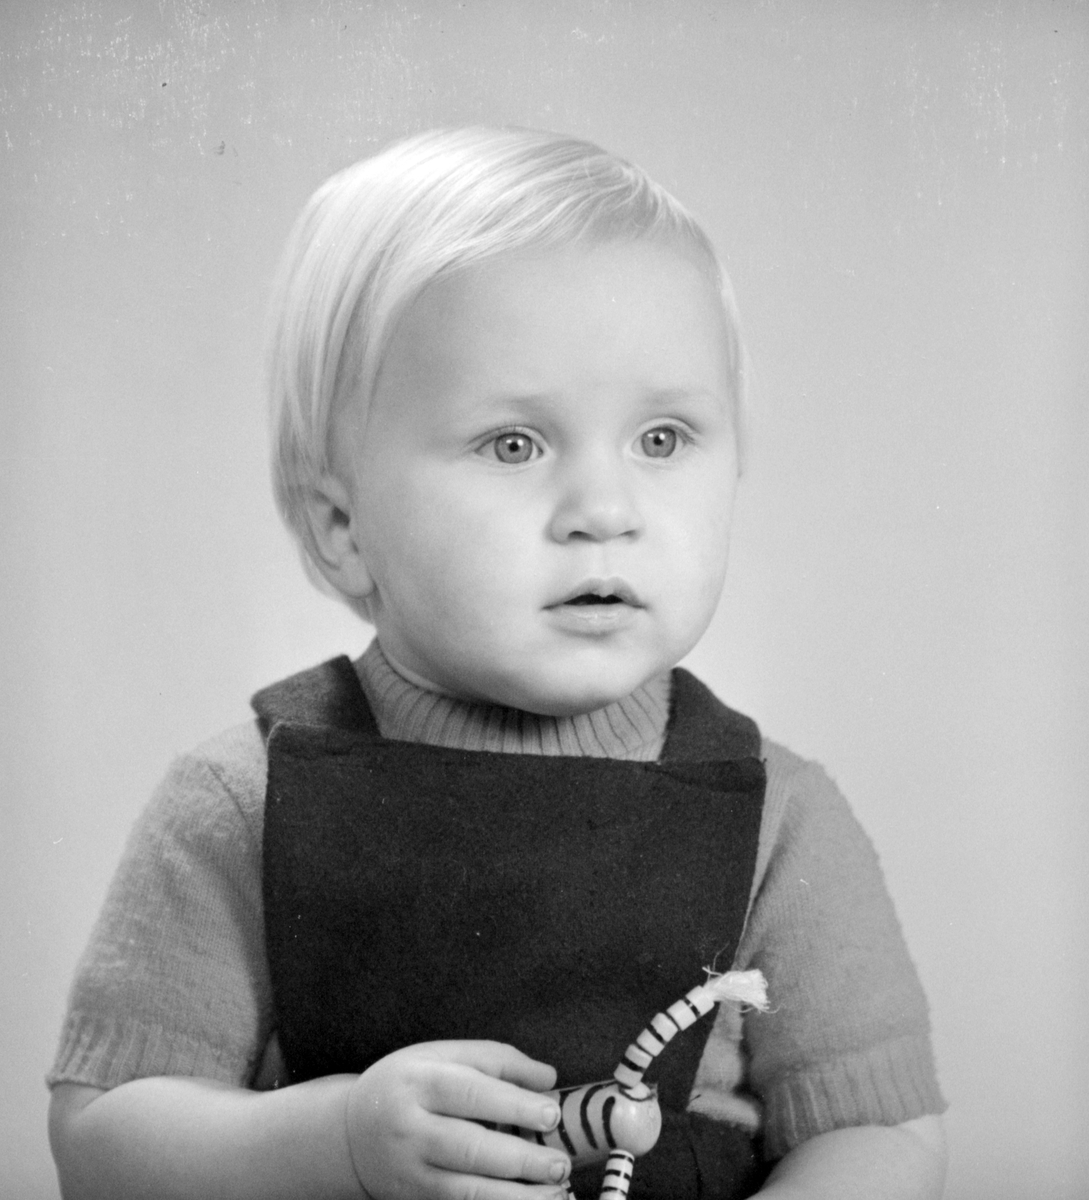 Pojken, Håkan Salberg, december 1946